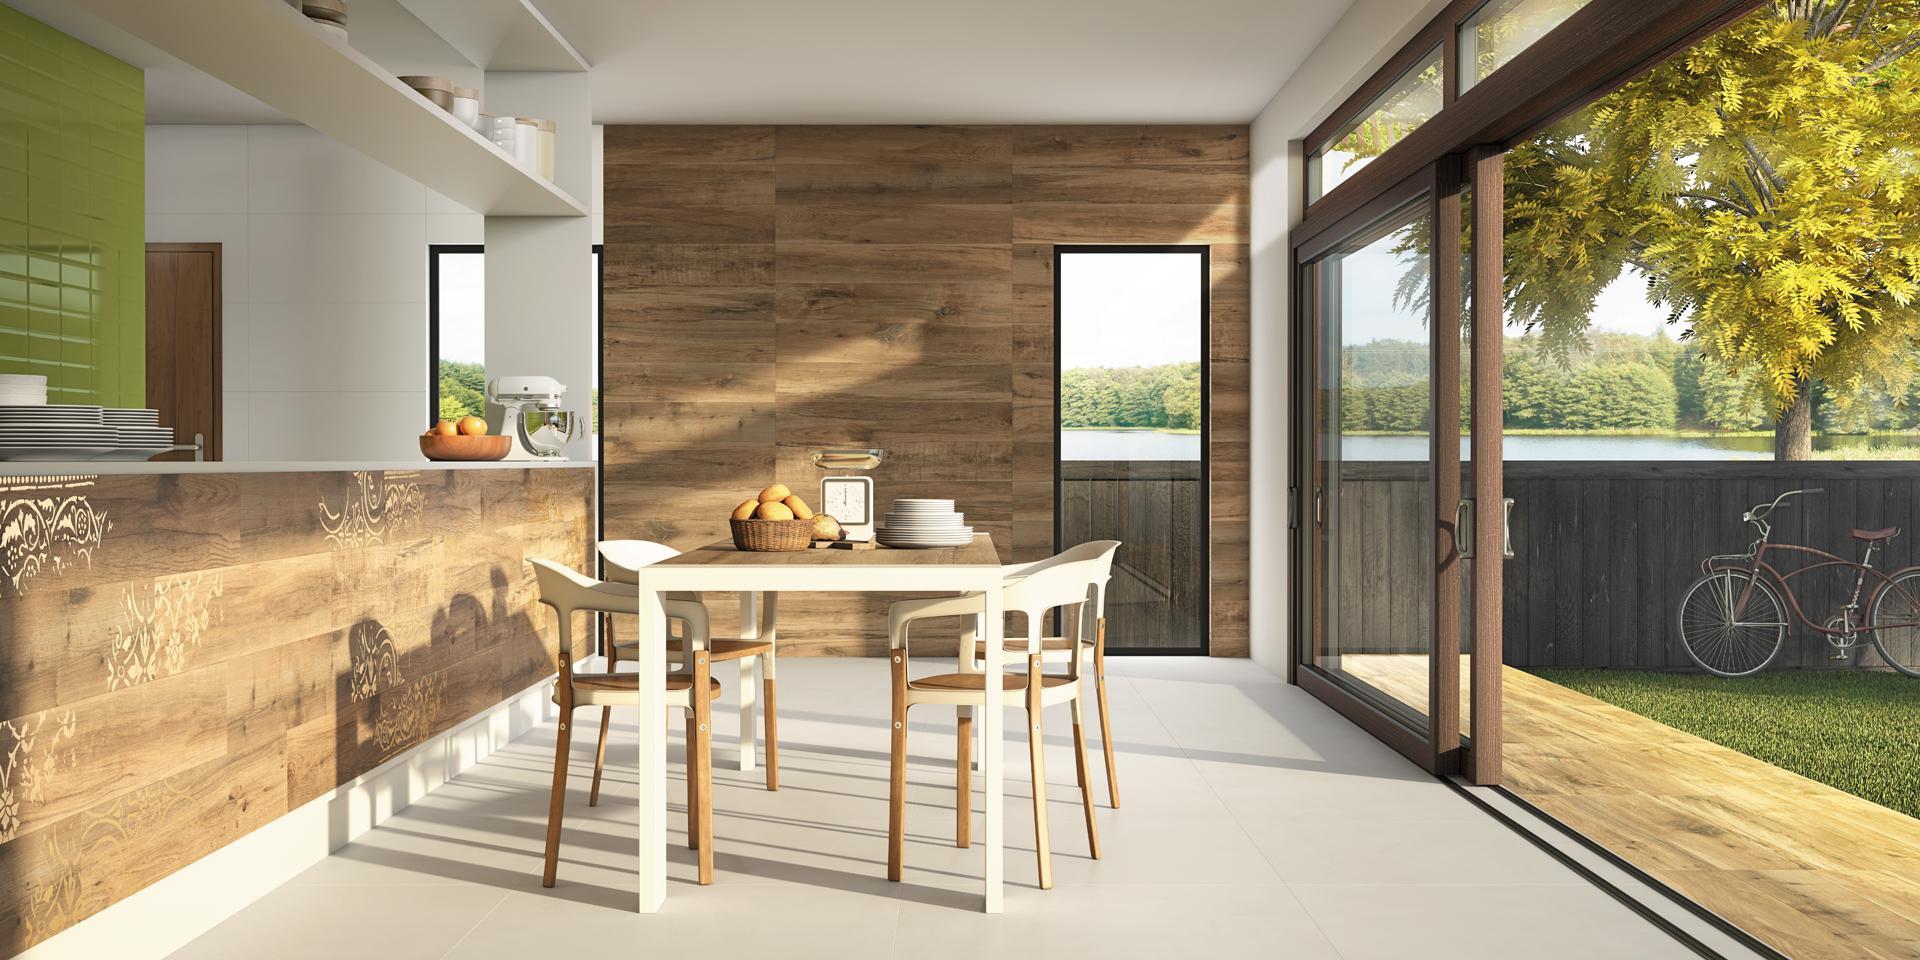 Imagem 28 – Composição de pisos: esmaltado e natural #A39628 1920x960 Banheiro Com Porcelanato Fosco